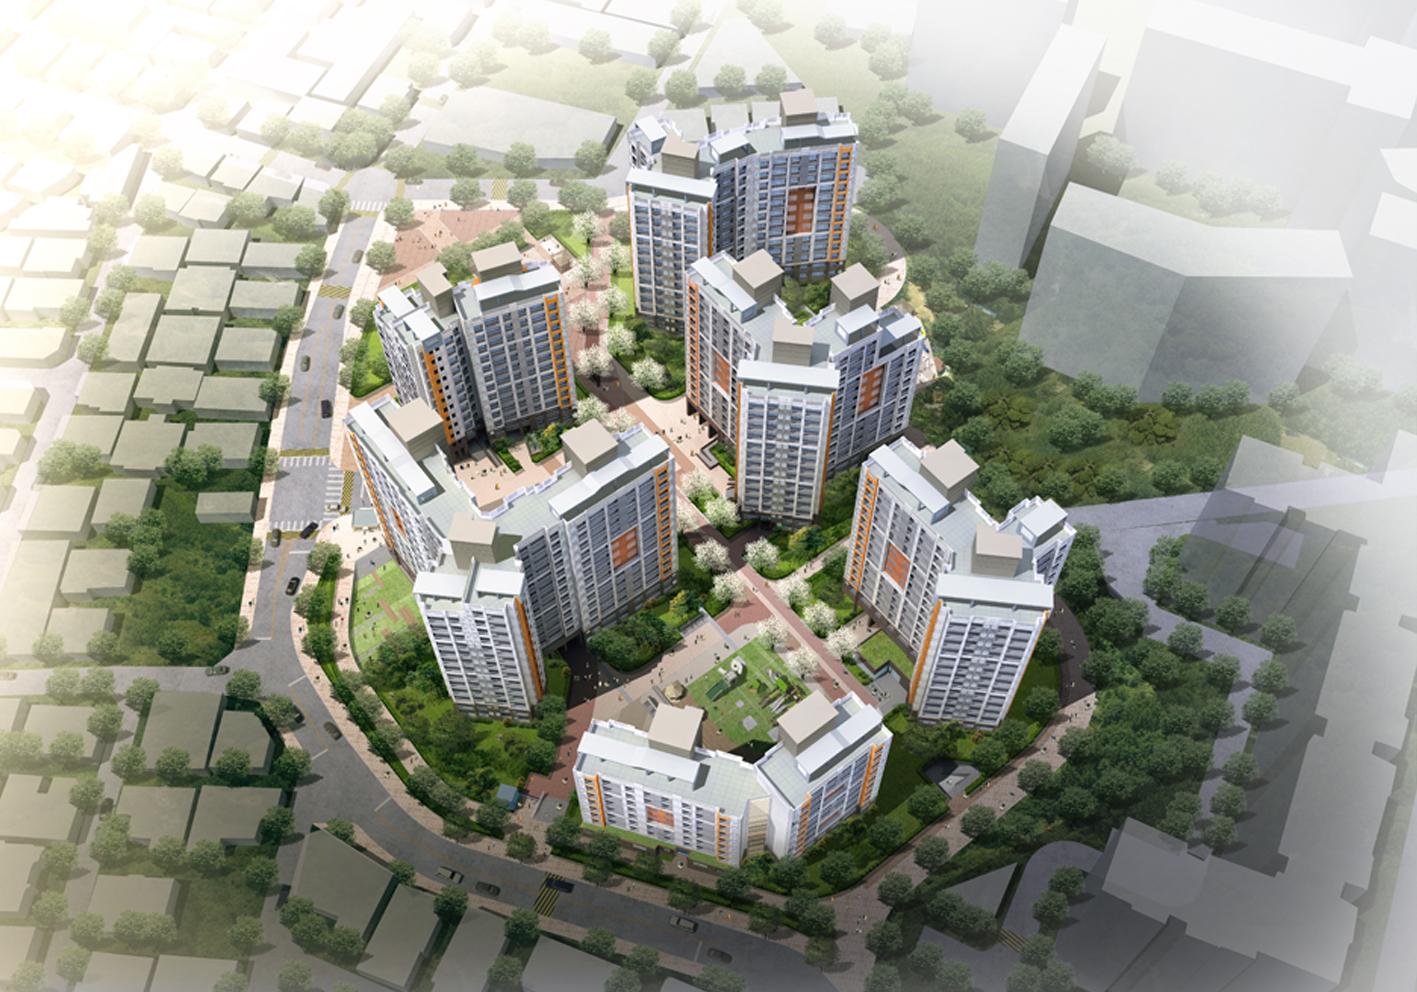 01_35.목제1주택 재건축정비사업 아파트 신축공사(2015)